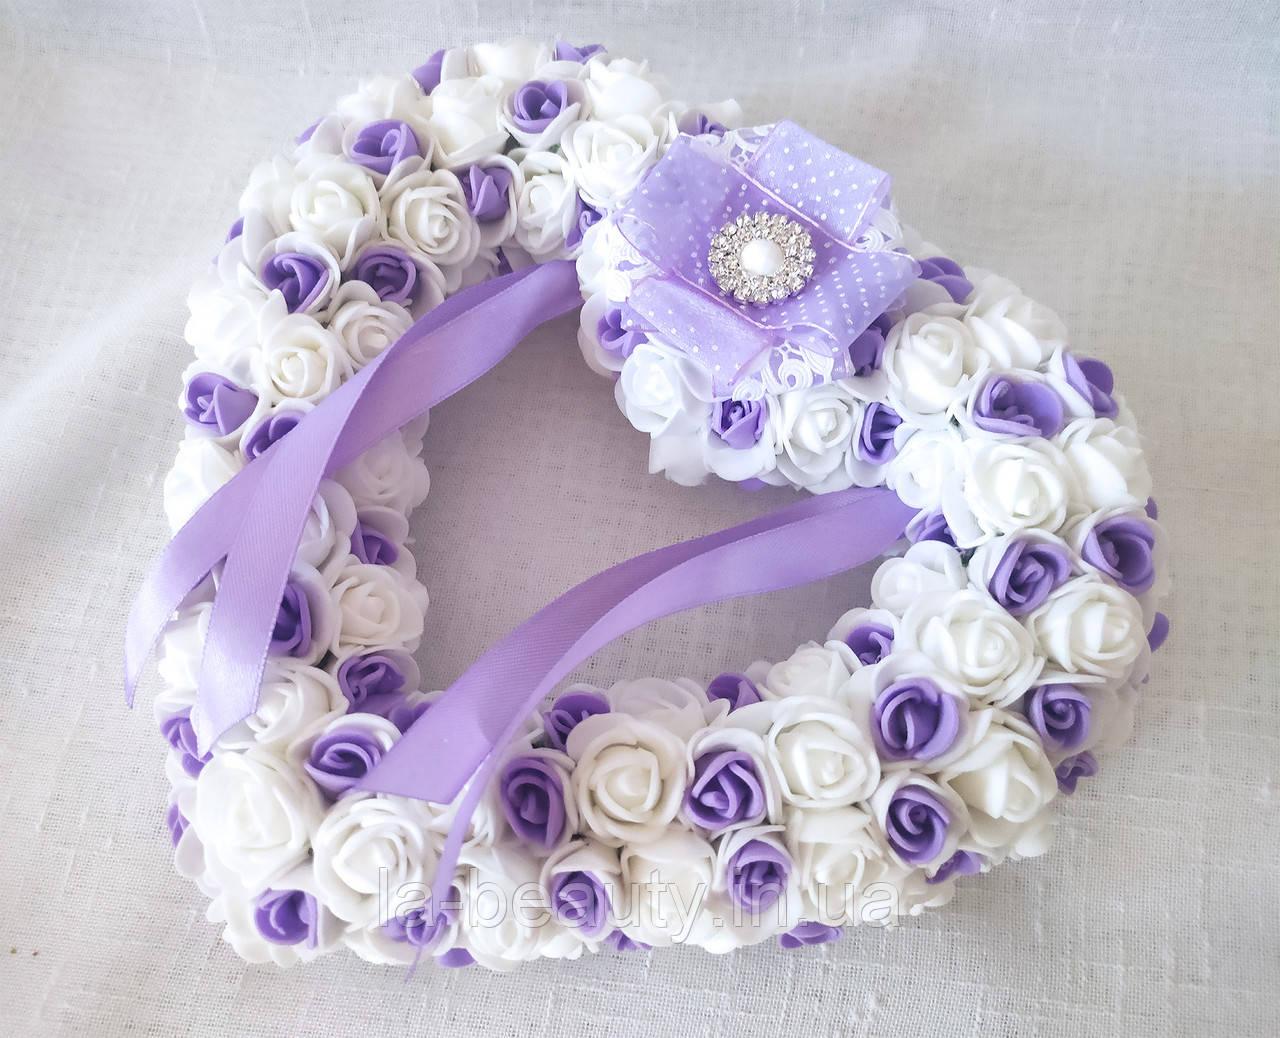 Свадебная подушечка для обручальных колец сердце из роз сиреневая белая LA BEAUTY Studio люкс